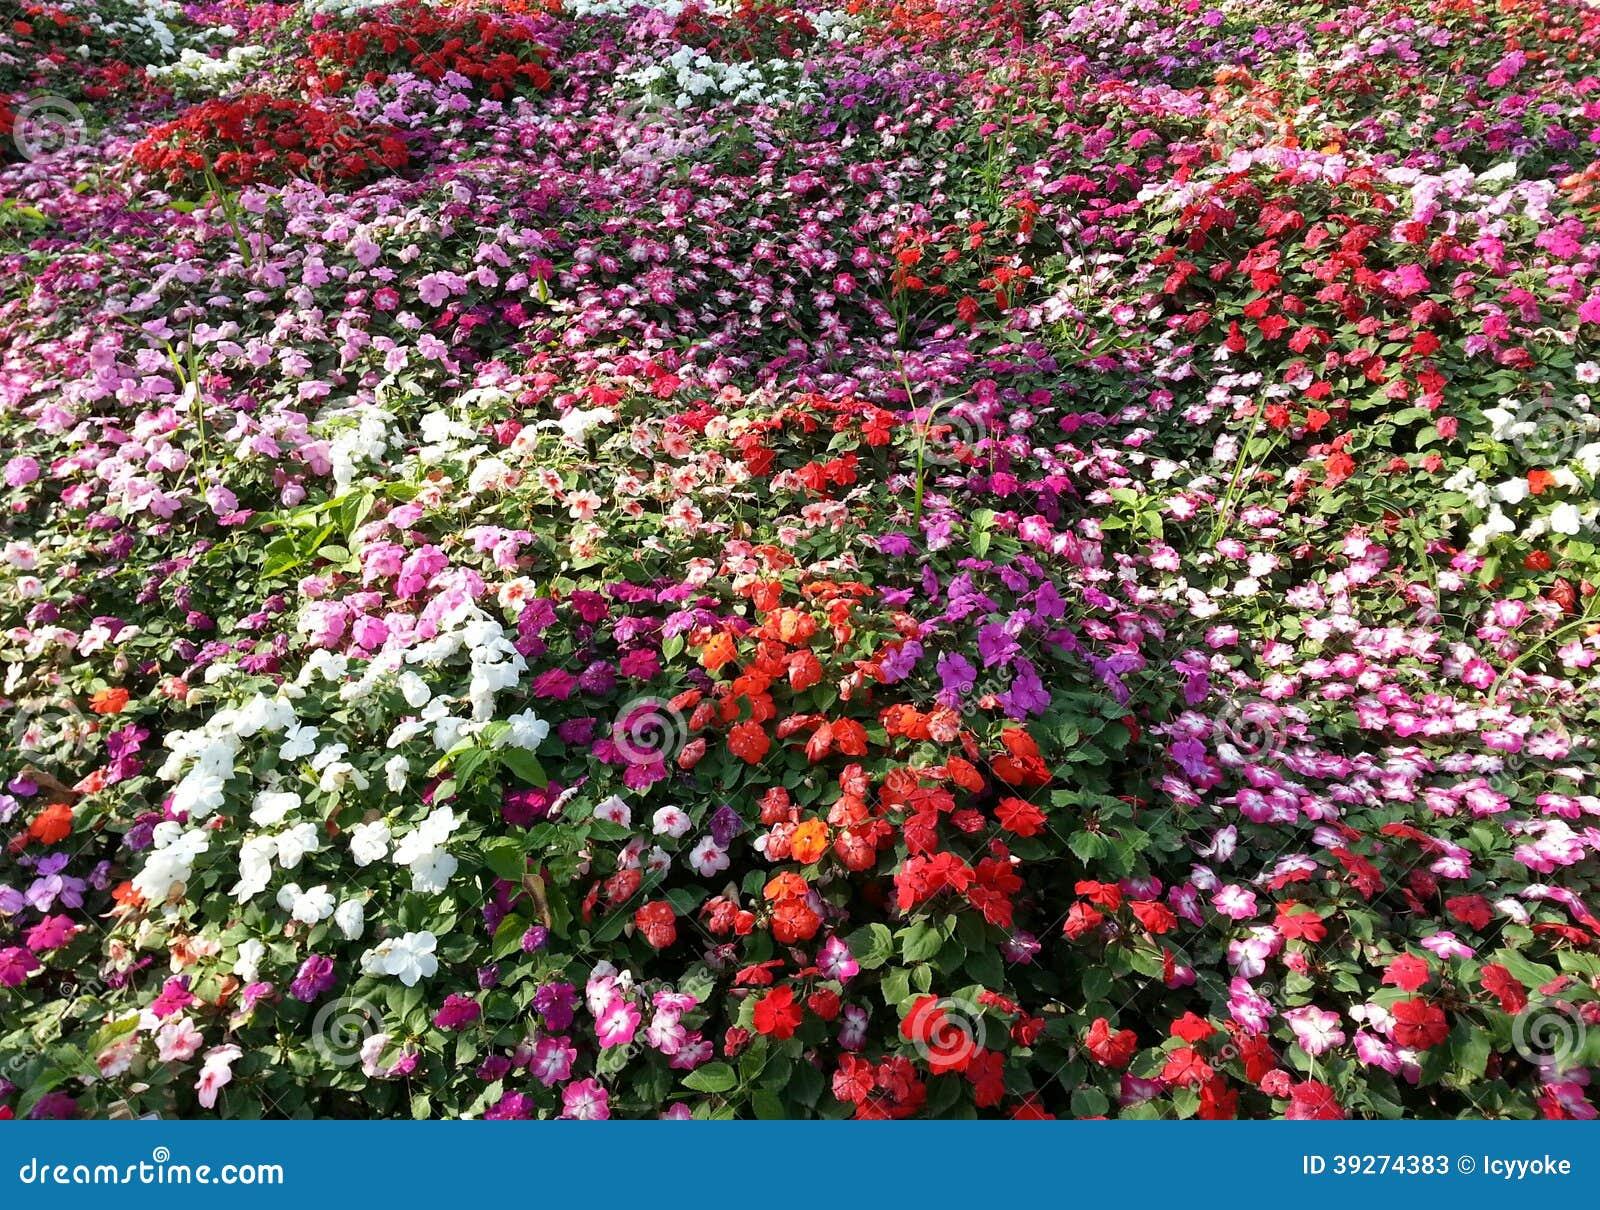 impatiens fond de tapis de fleur image stock image du. Black Bedroom Furniture Sets. Home Design Ideas